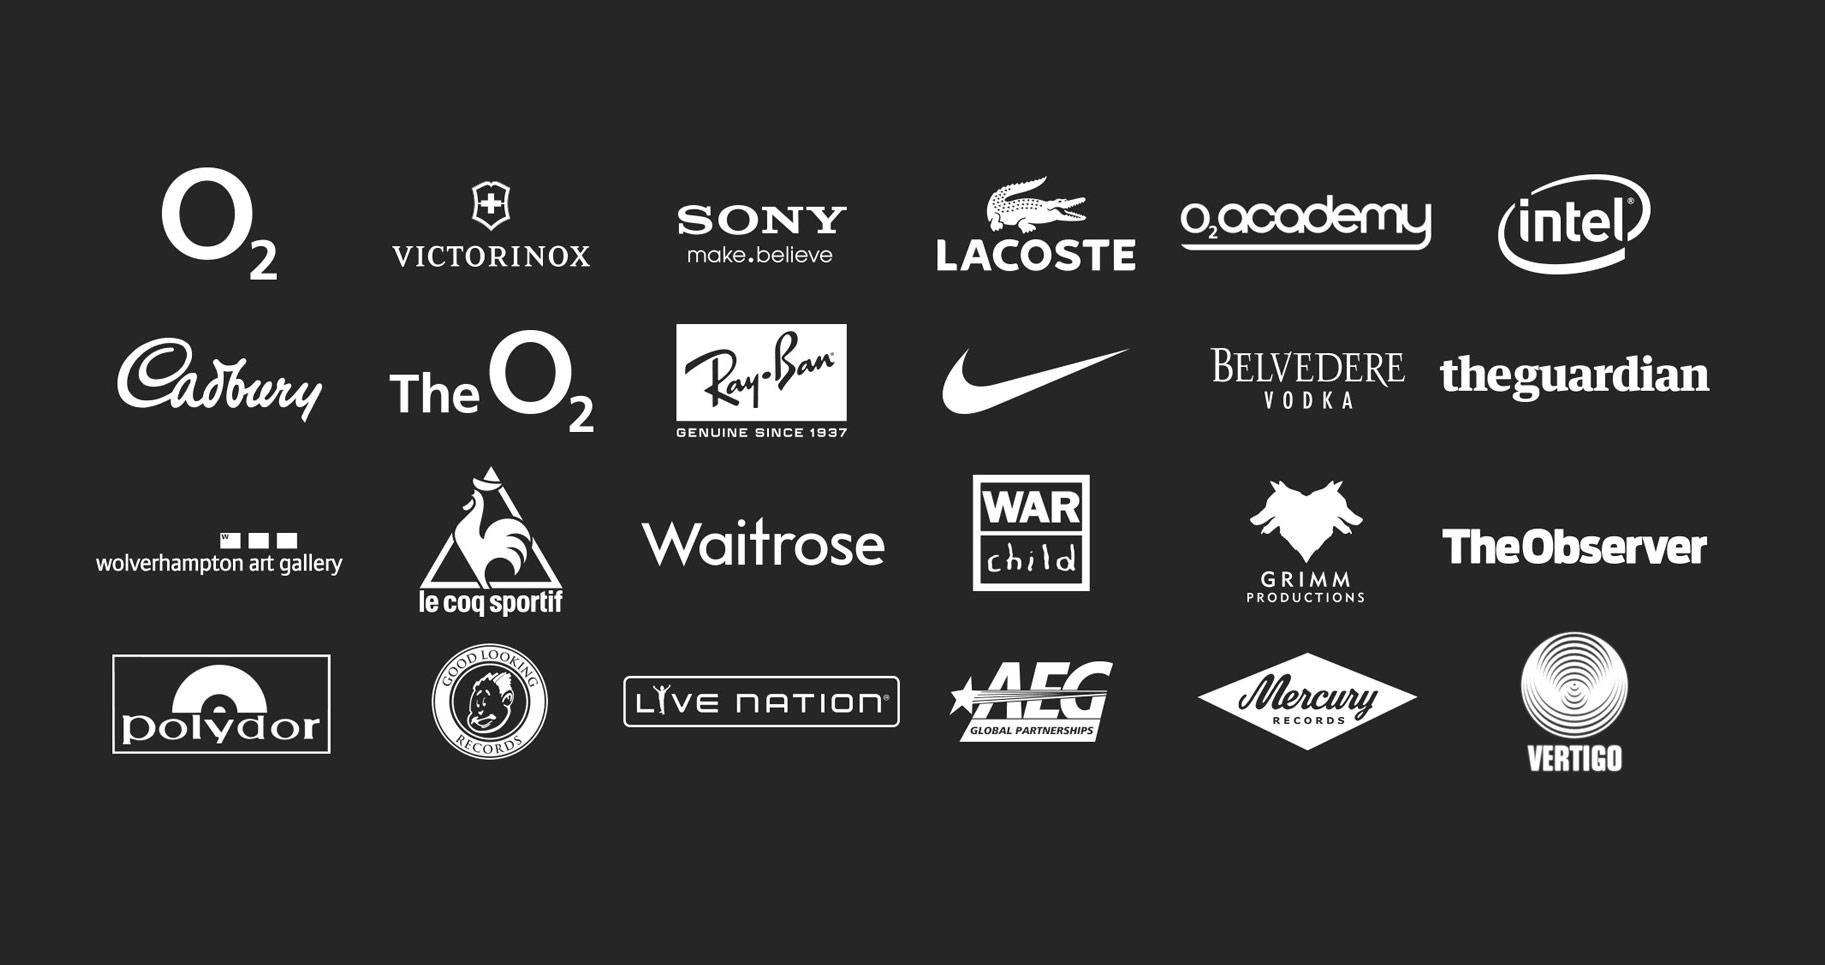 gpj-studio-design-home-client-logos-2019-v1